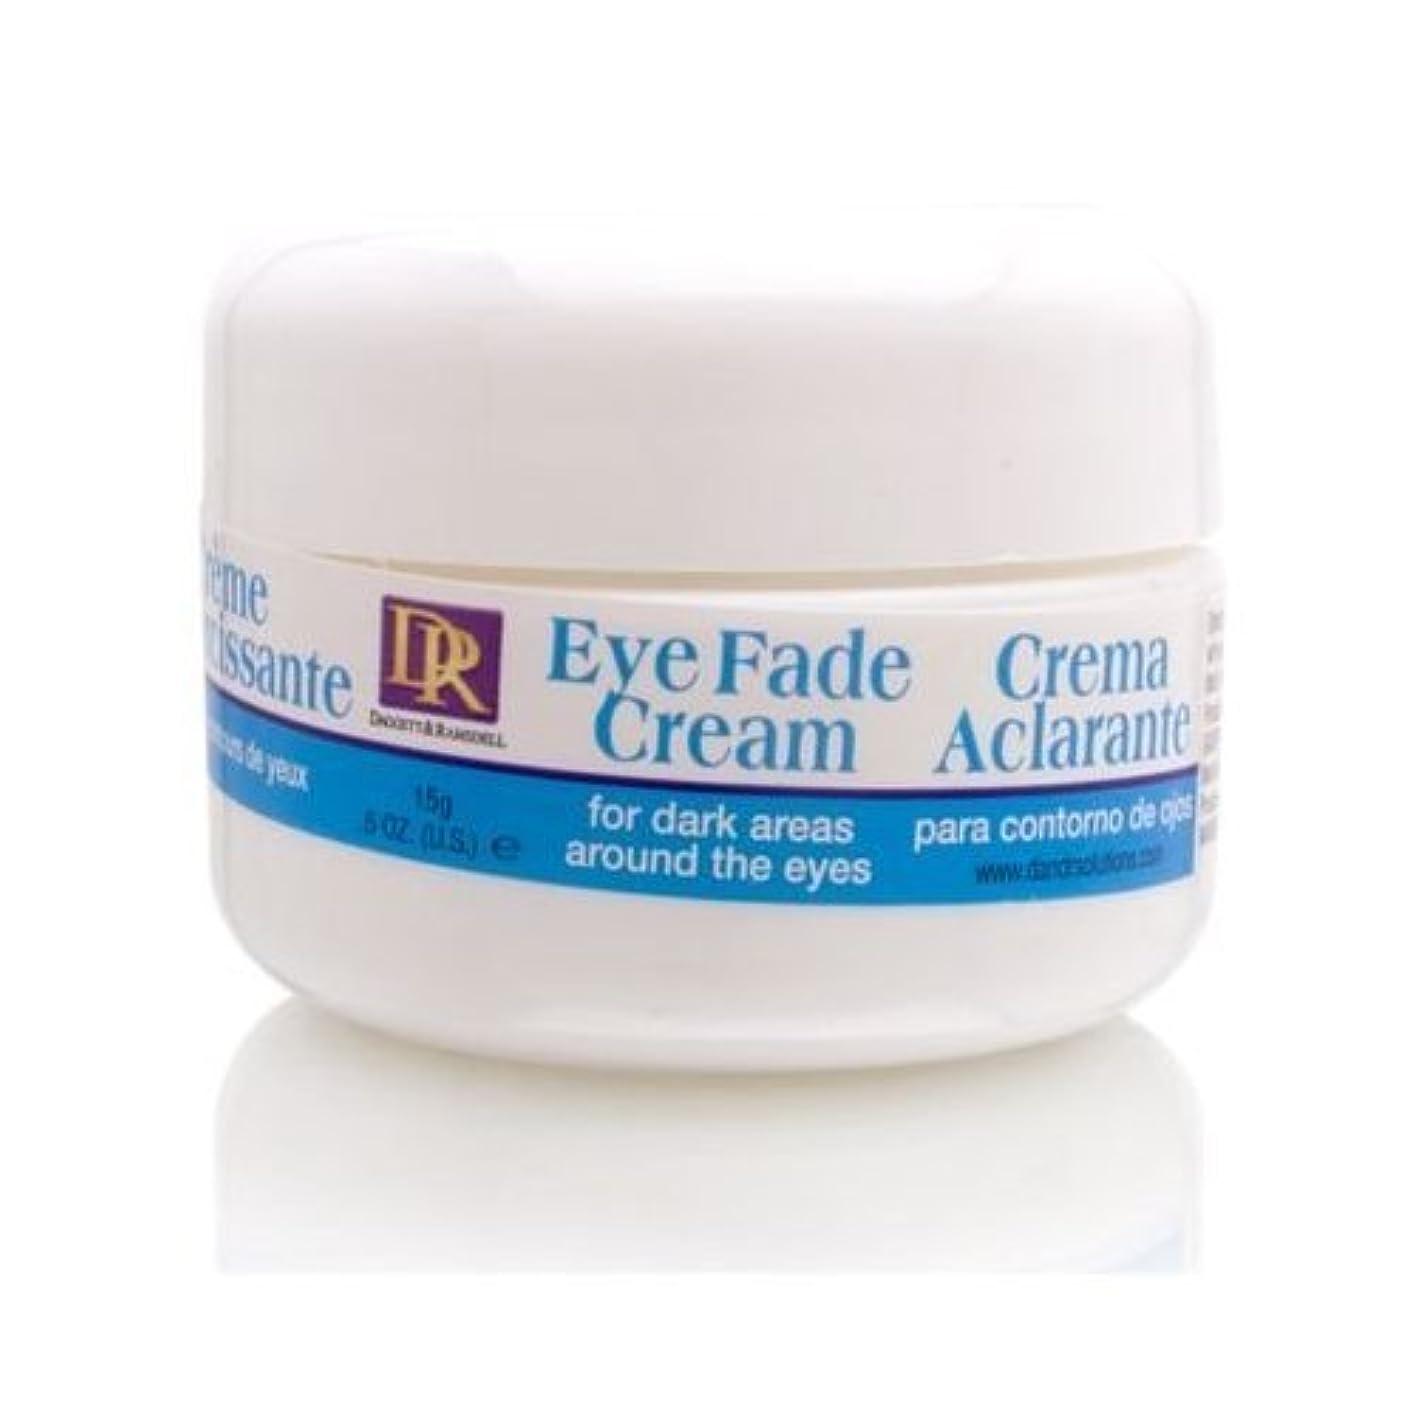 感謝祭説得力のある主張Daggett & Ramsdell Eye Fade Cream for Dark Areas Around the Eyes Dark Circle Eye Treatments (並行輸入品)